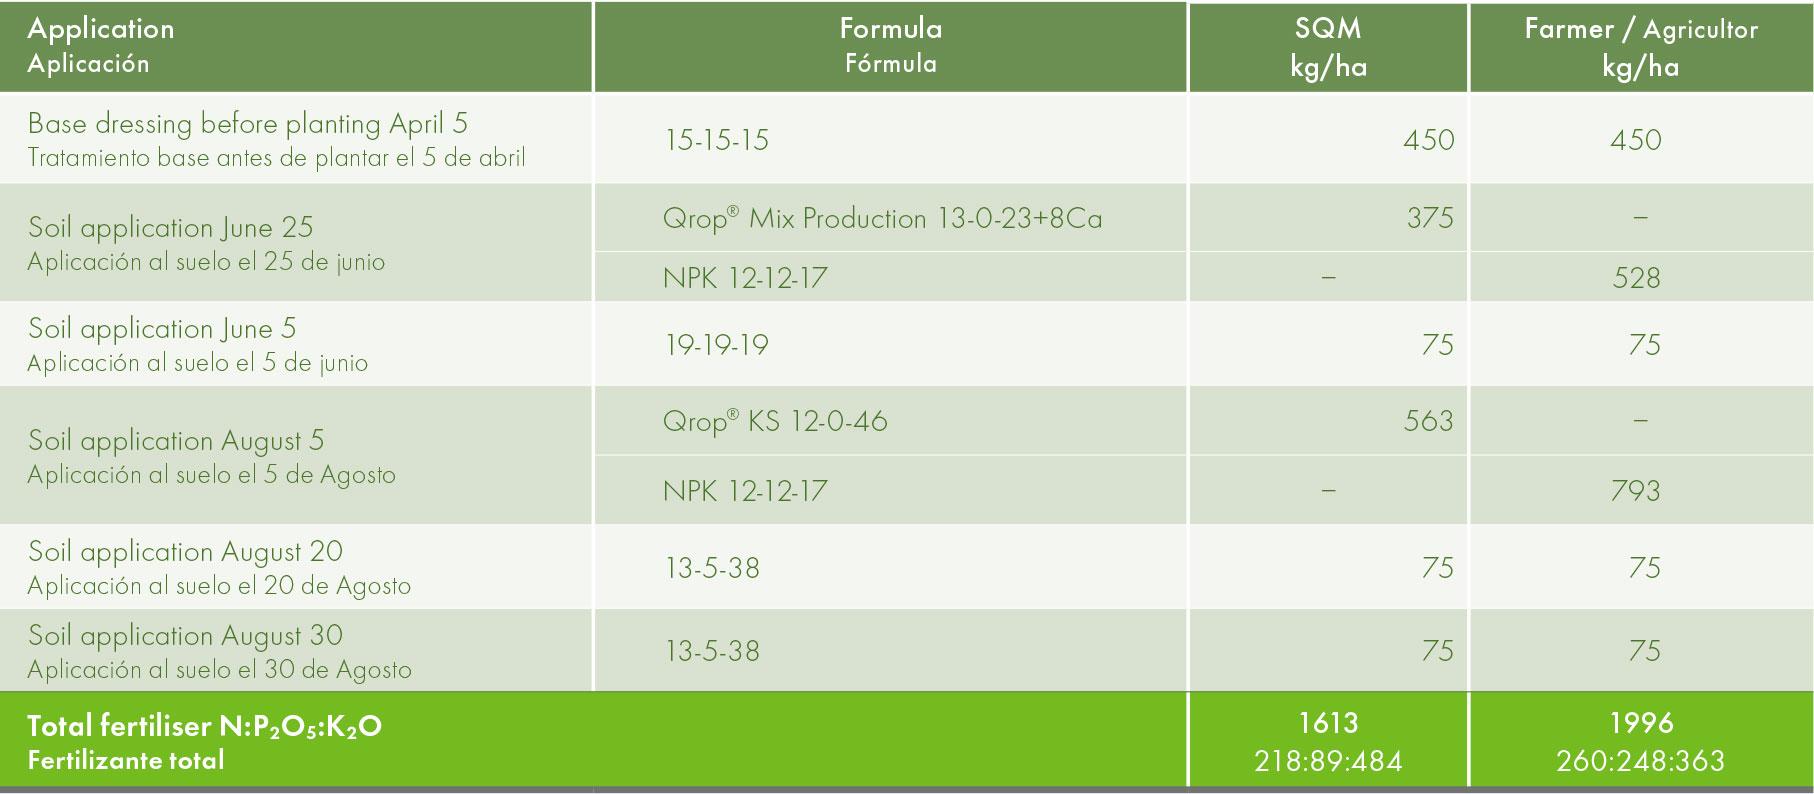 Fertiliser applied in the test.